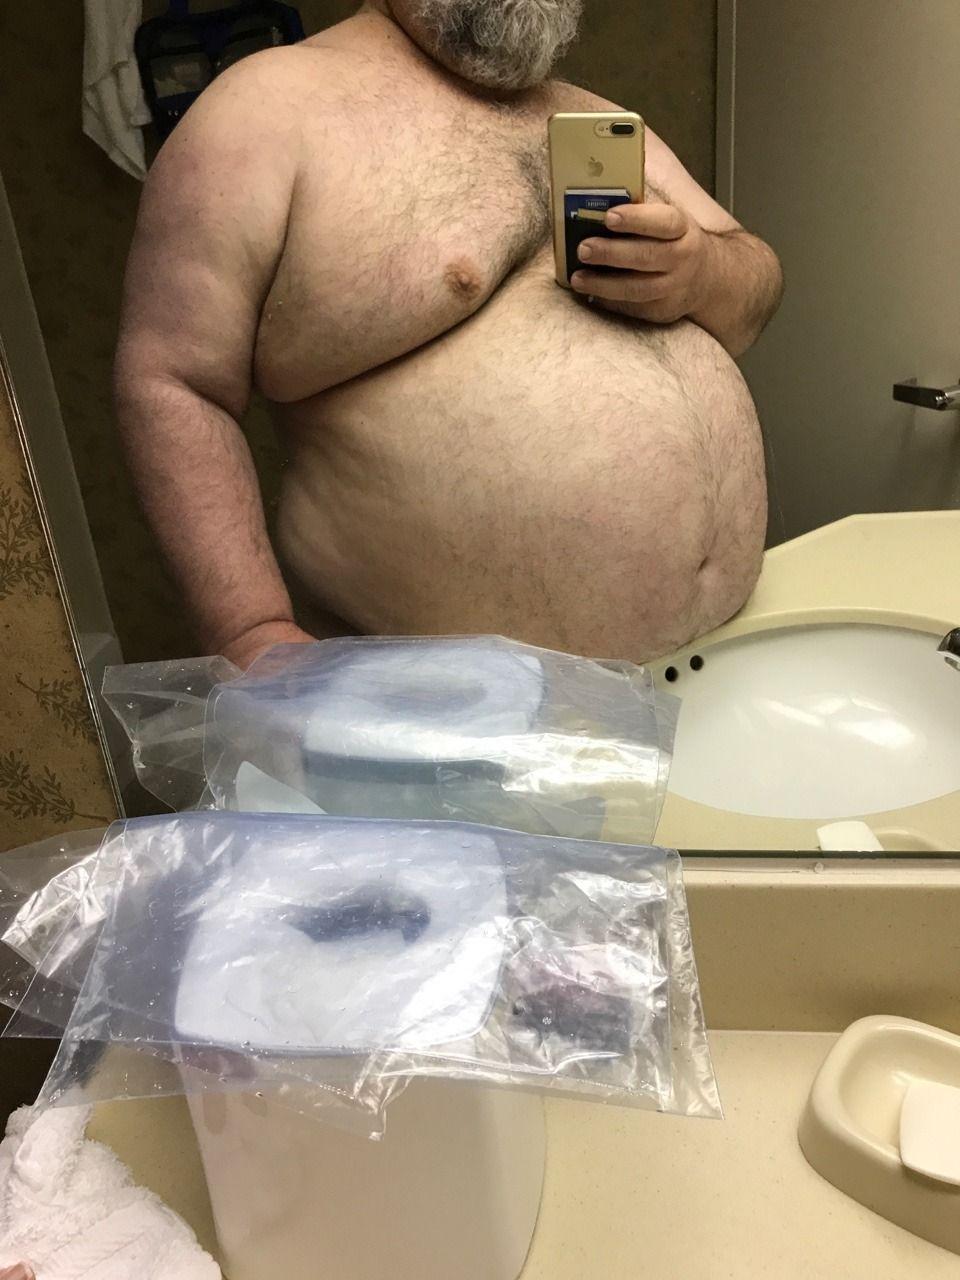 titties ooze out of bra